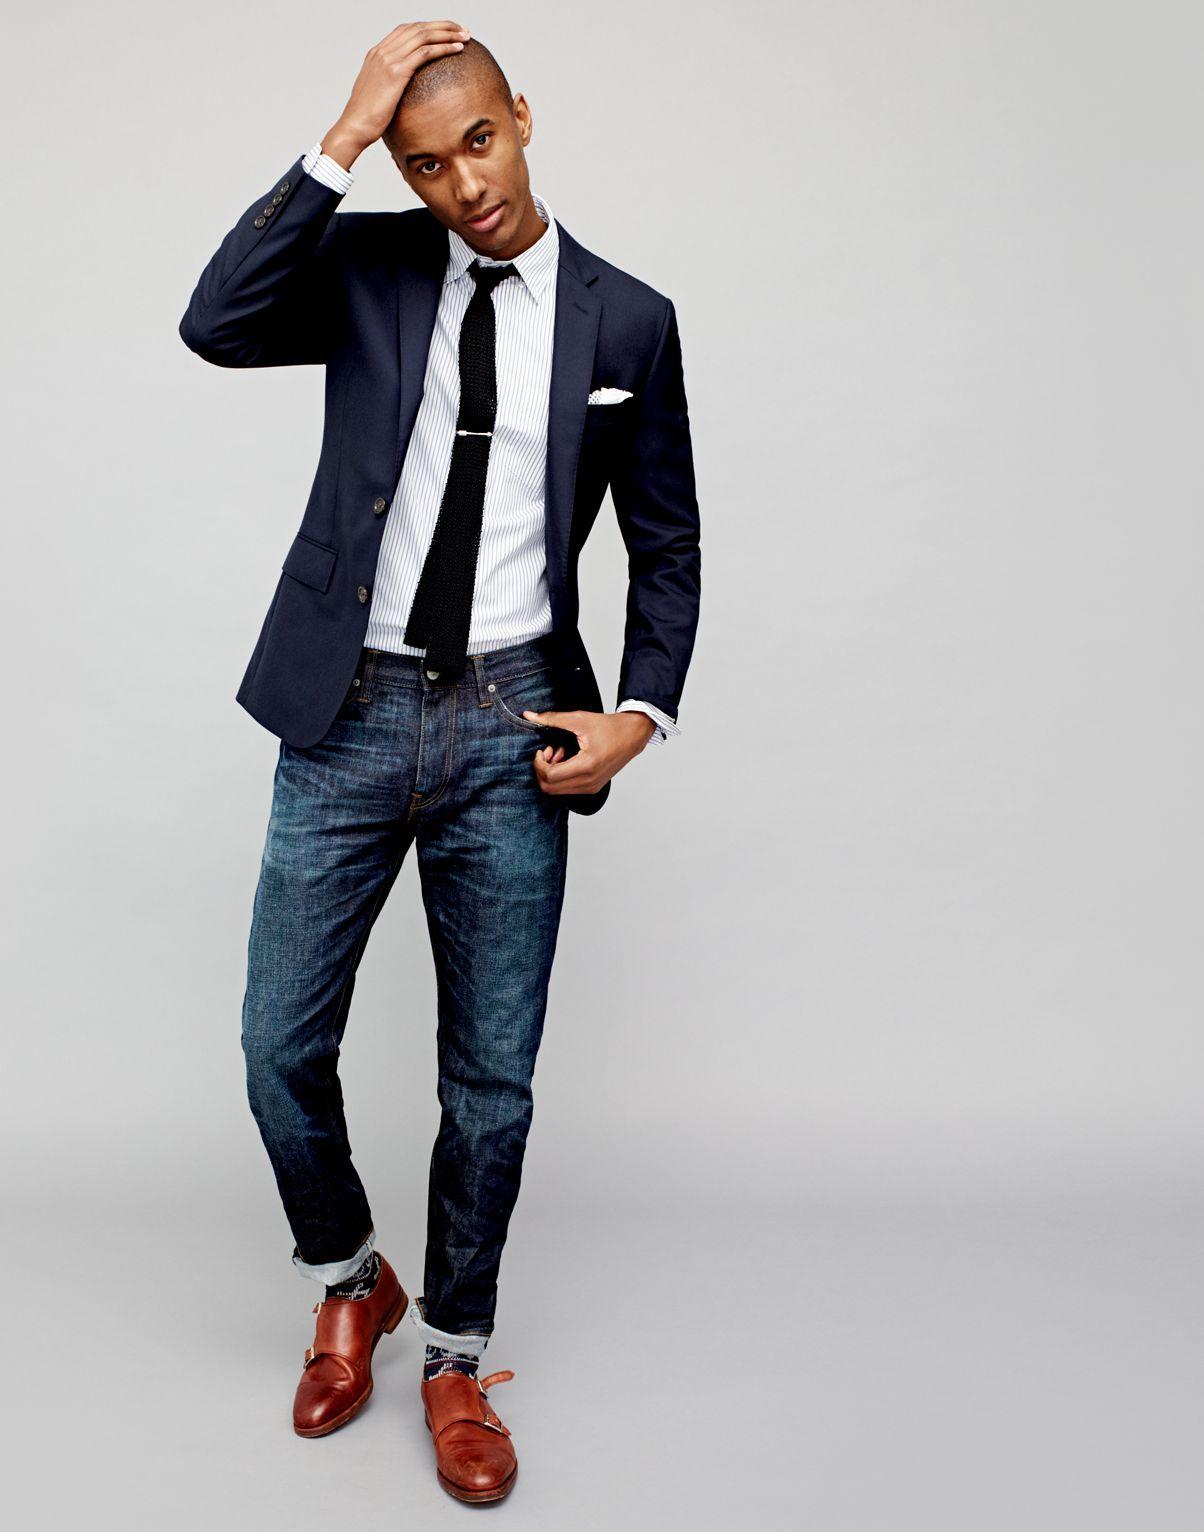 J.crew men The modern Office | We love socks | Pinterest | Men's ...